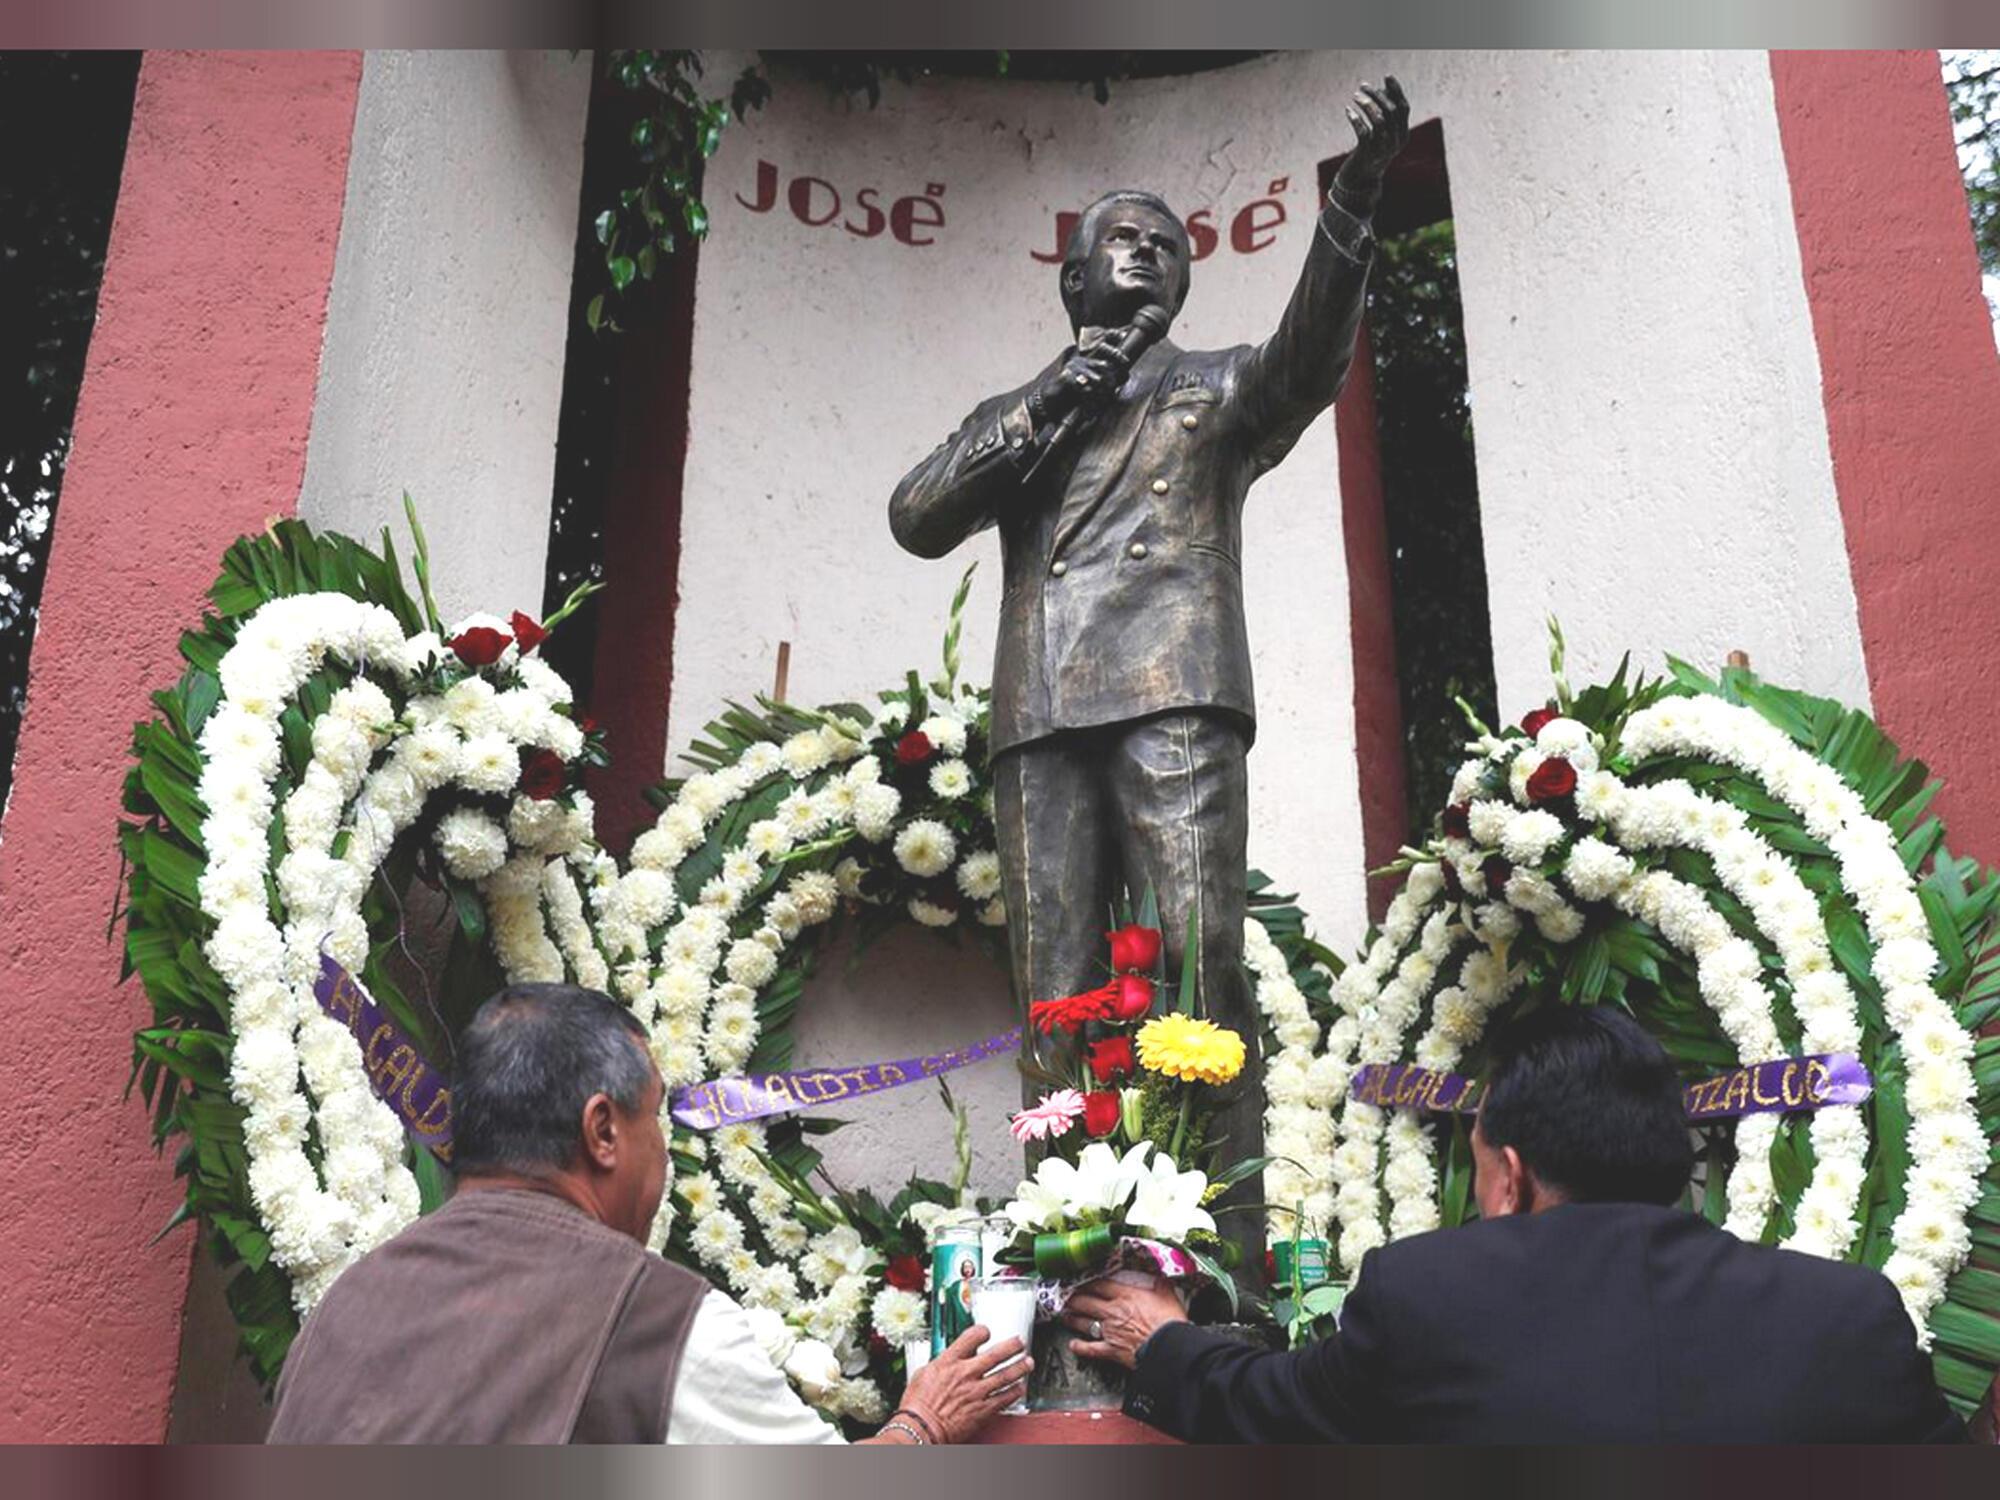 Tượng đài José José được dựng gần công viên Claveria, nguyên quán của ca sĩ